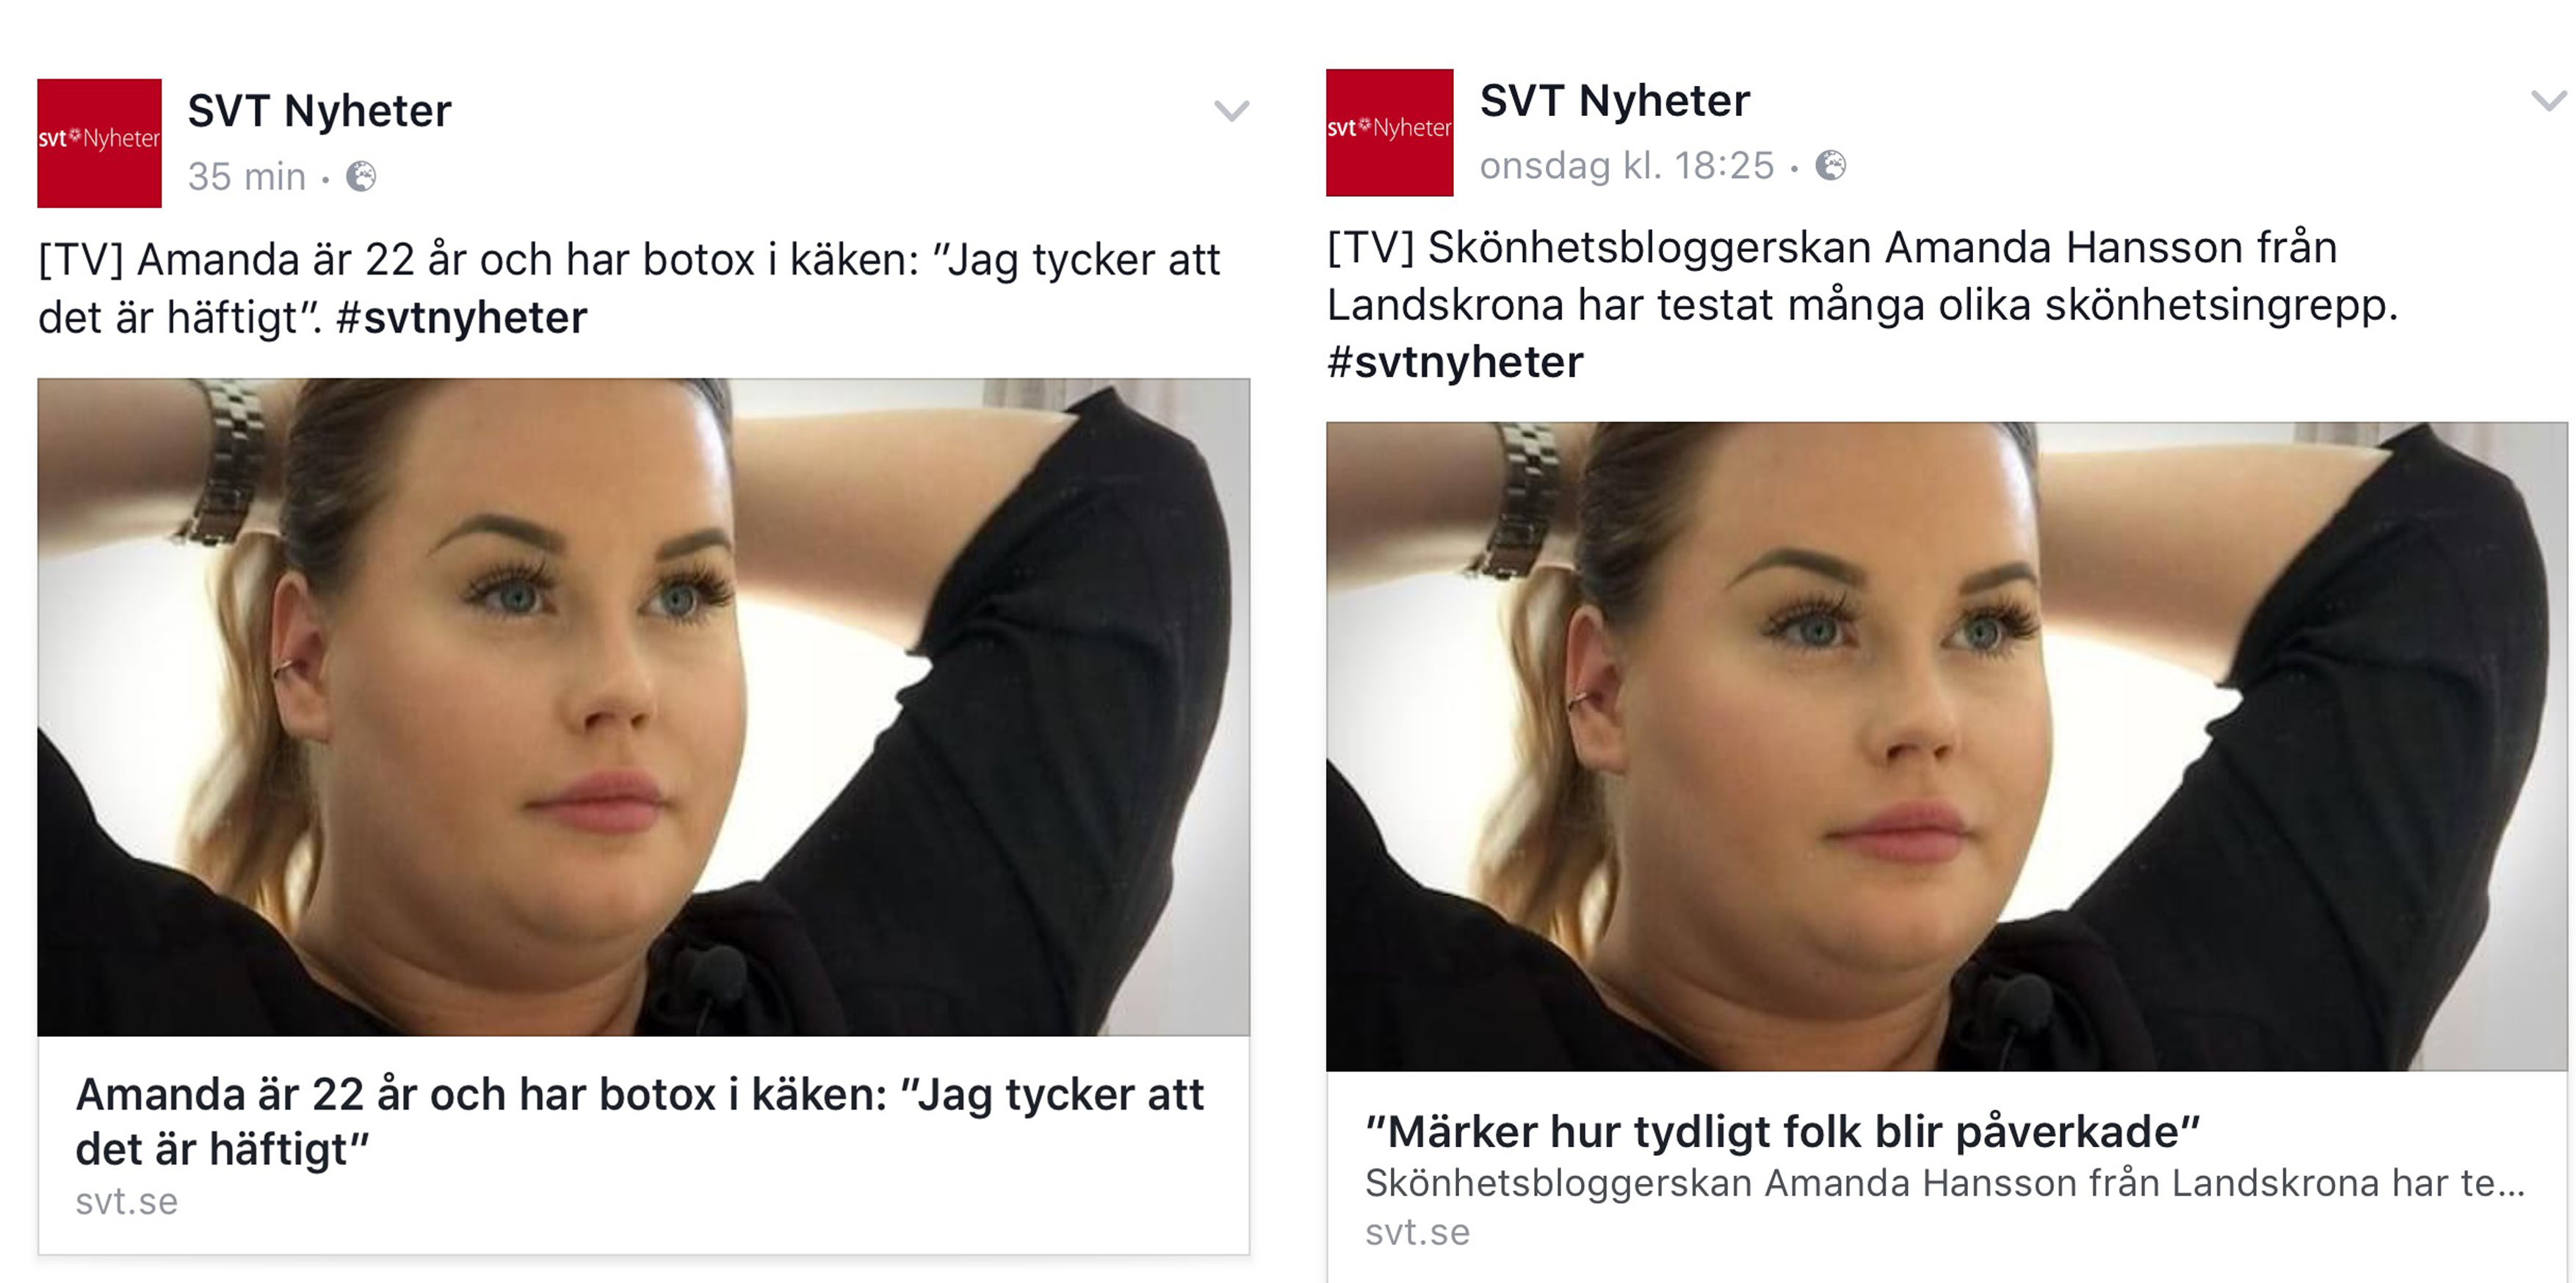 Vad jag tycker om inslaget på SVT, svt, fillersinjektion, skönhetsbehandling, botox, fillers, juvederm, restylane, stylage, skönhetsblogg, skönhetsbloggare, amandahans